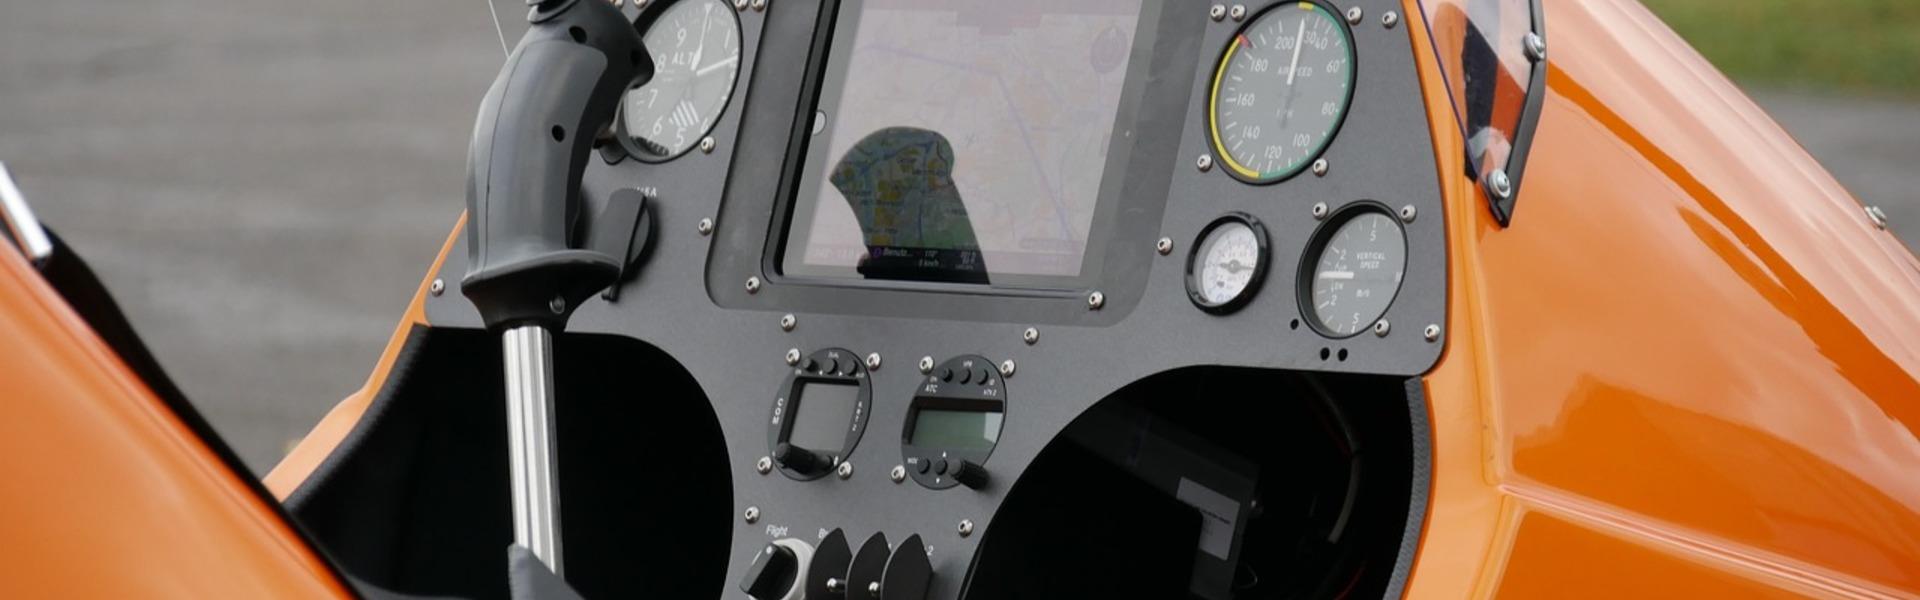 Gyrocoptère Toulon